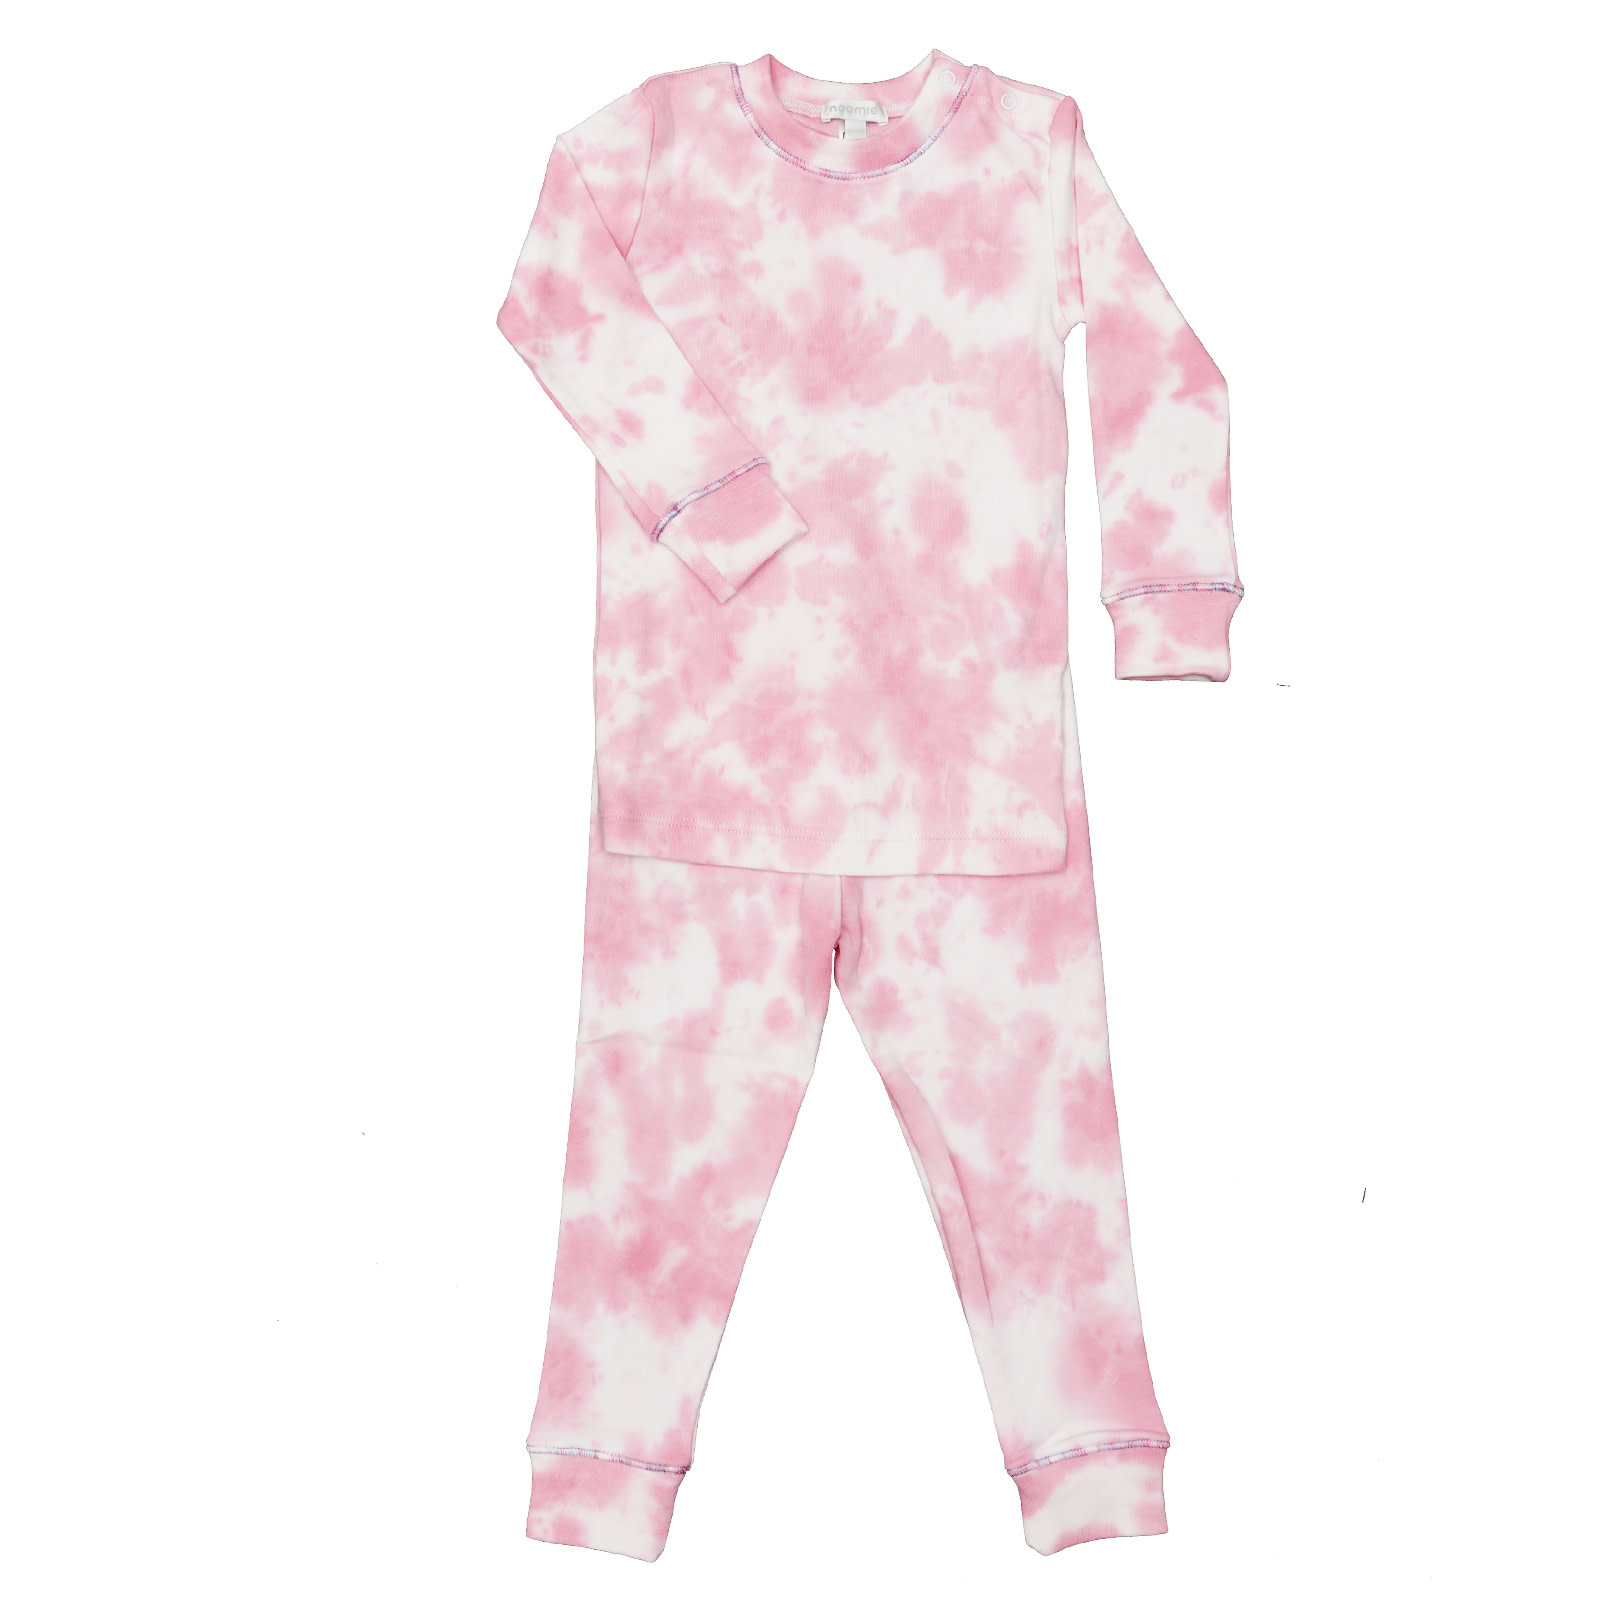 Noomie Pink Tie Dye PJ